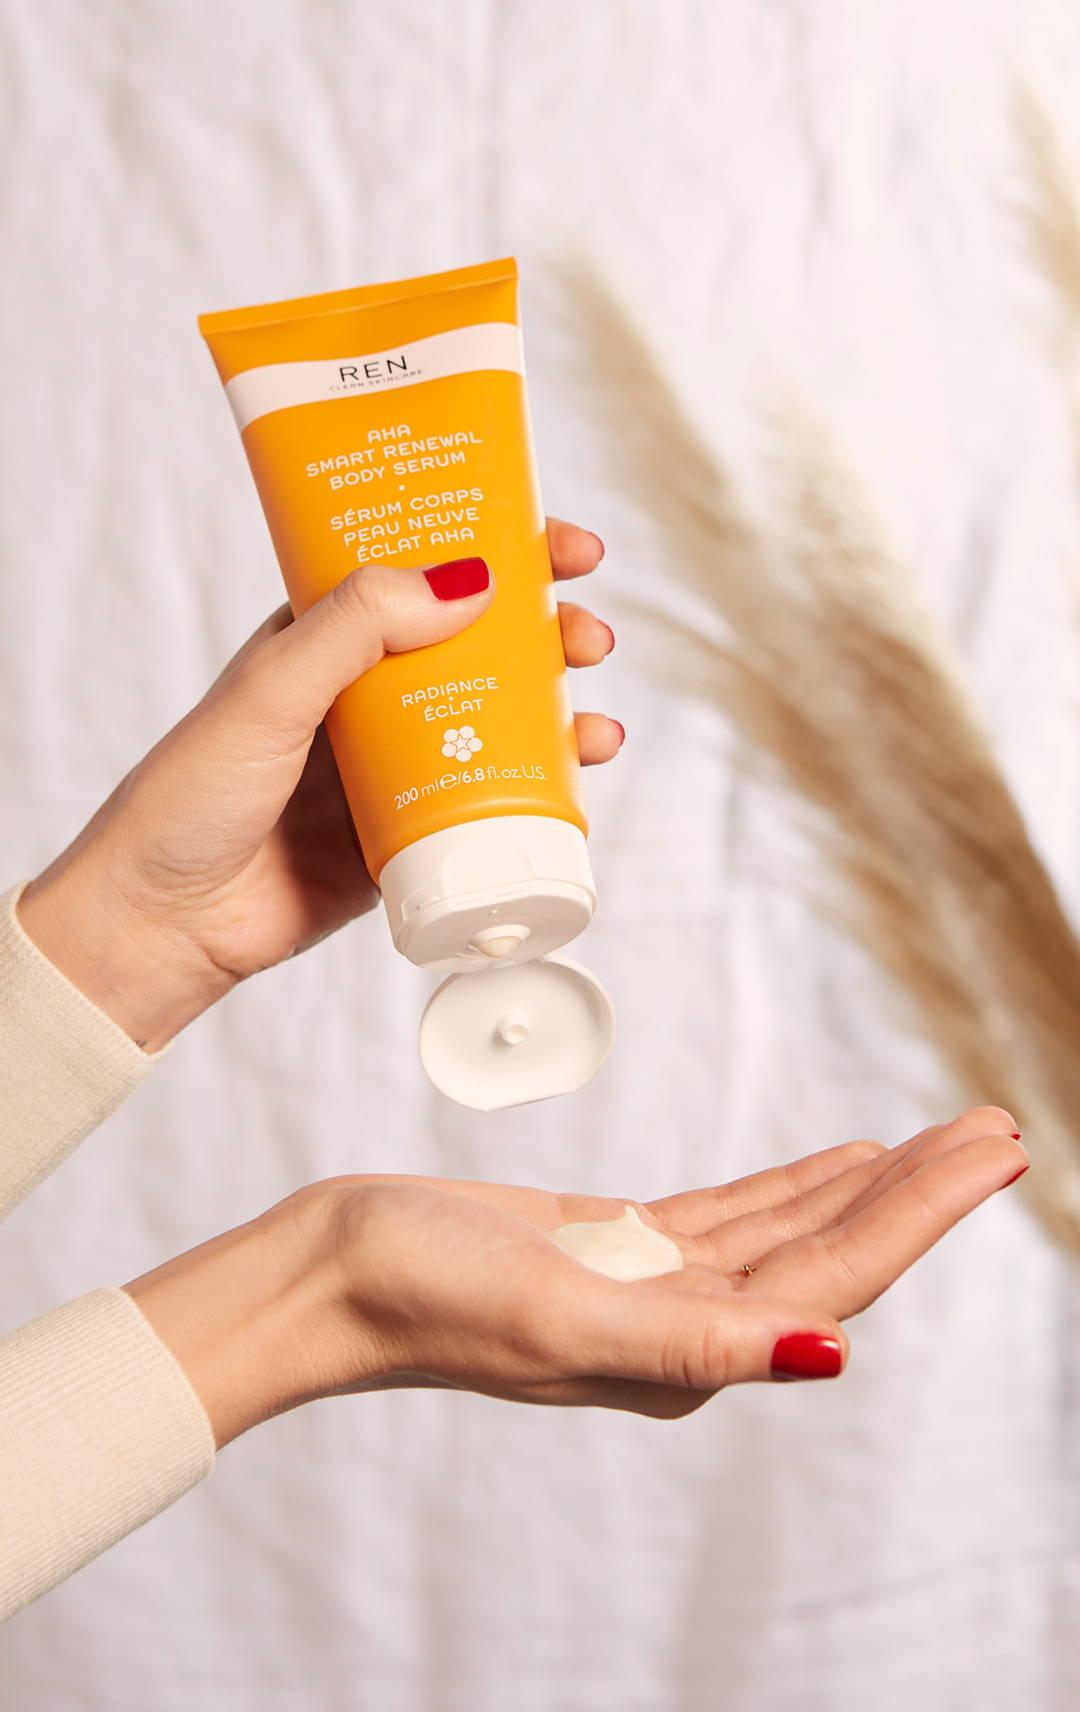 Sérum Corps Peau Neuve Eclat AHA de Ren Skincare : crème gommante à base d'acides de fruits